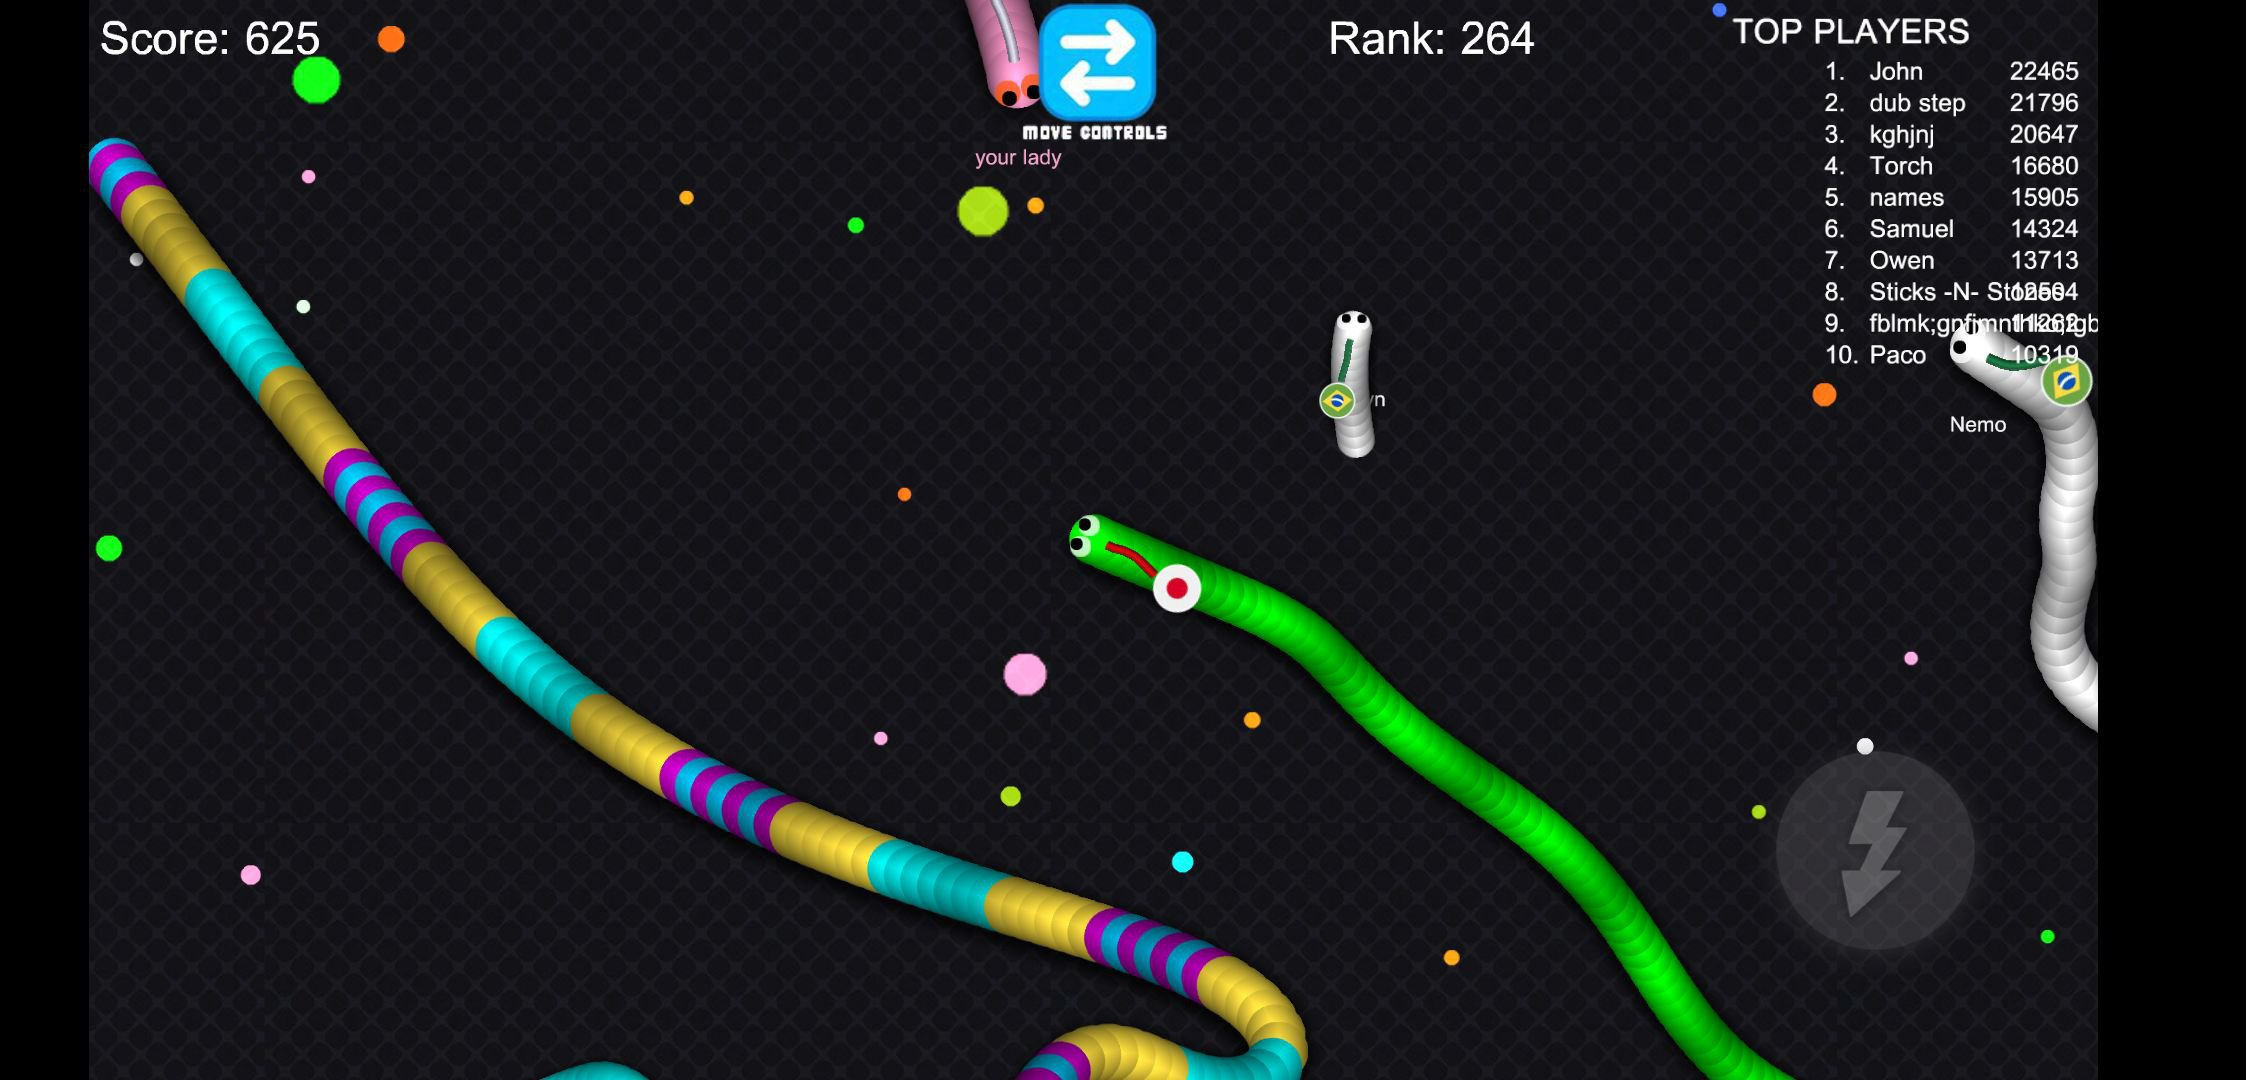 Slink.io 2.2.6 - Télécharger Pour Android Apk Gratuitement pour Jeux Pour Jouer Gratuitement